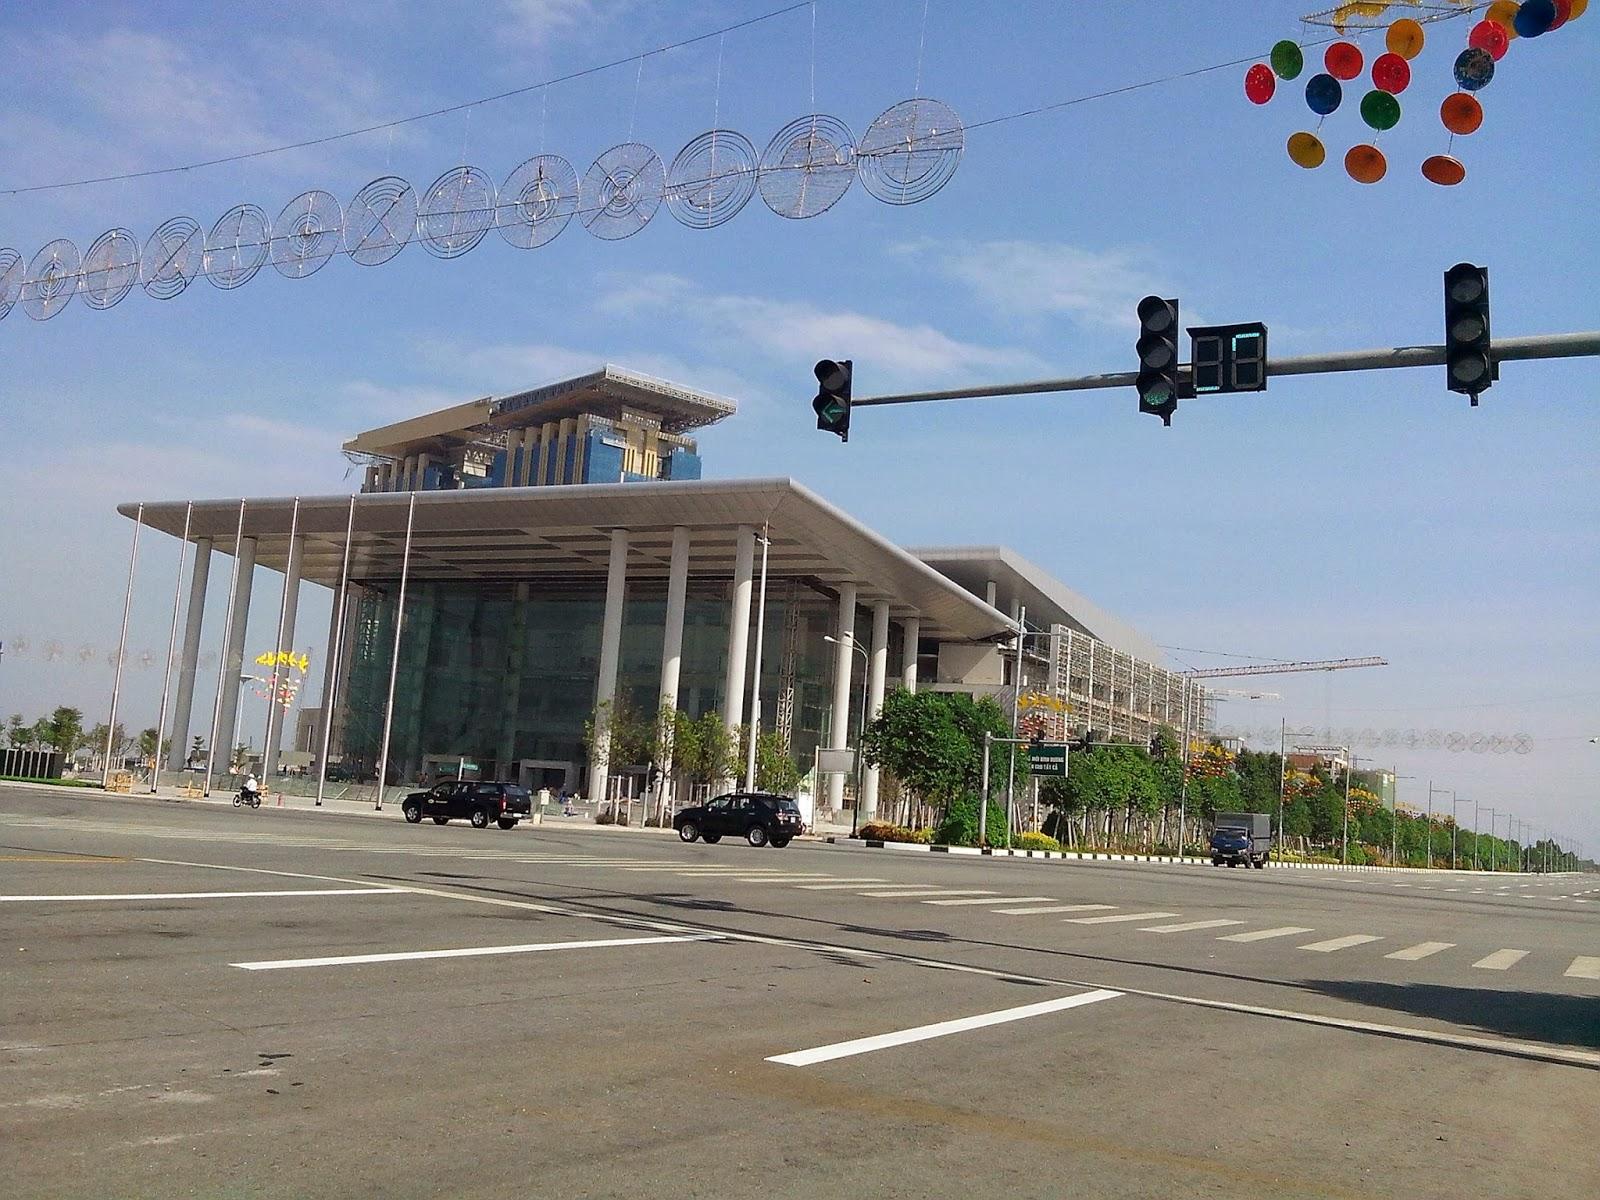 Trung tâm triển lãm hội nghị TP mới BD, Trung tam trien lam hoi nghi TP moi BD